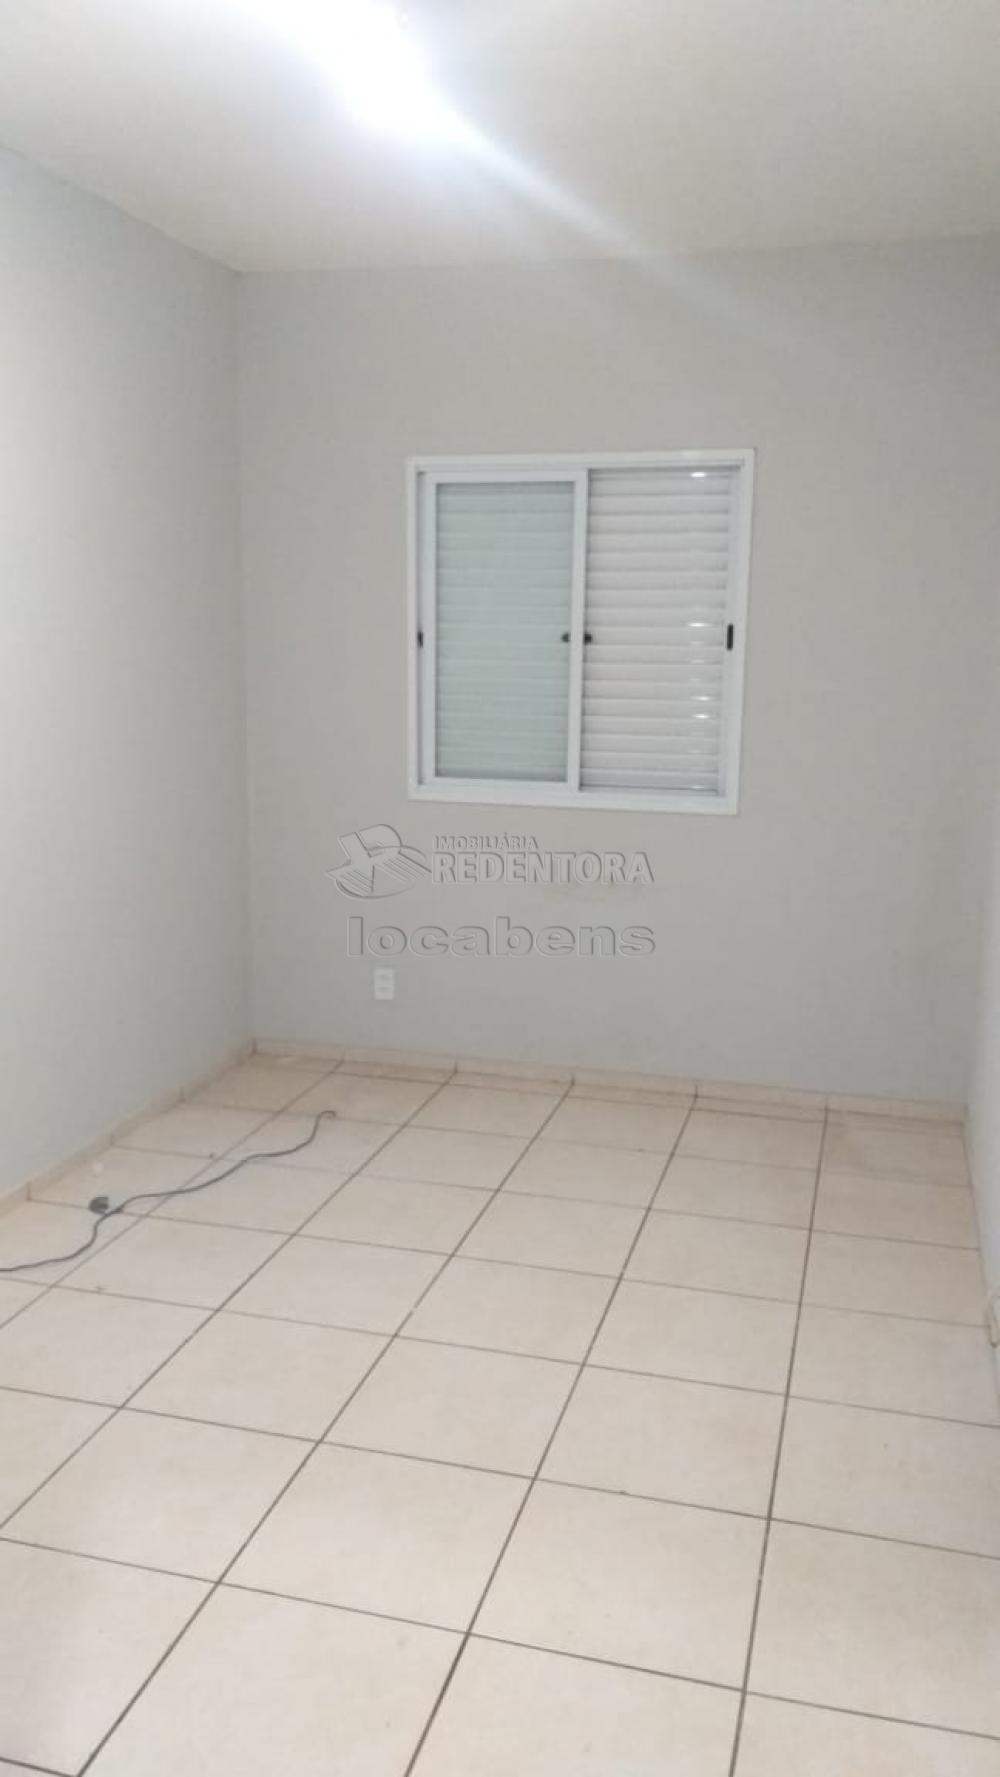 Alugar Apartamento / Padrão em São José do Rio Preto R$ 550,00 - Foto 15